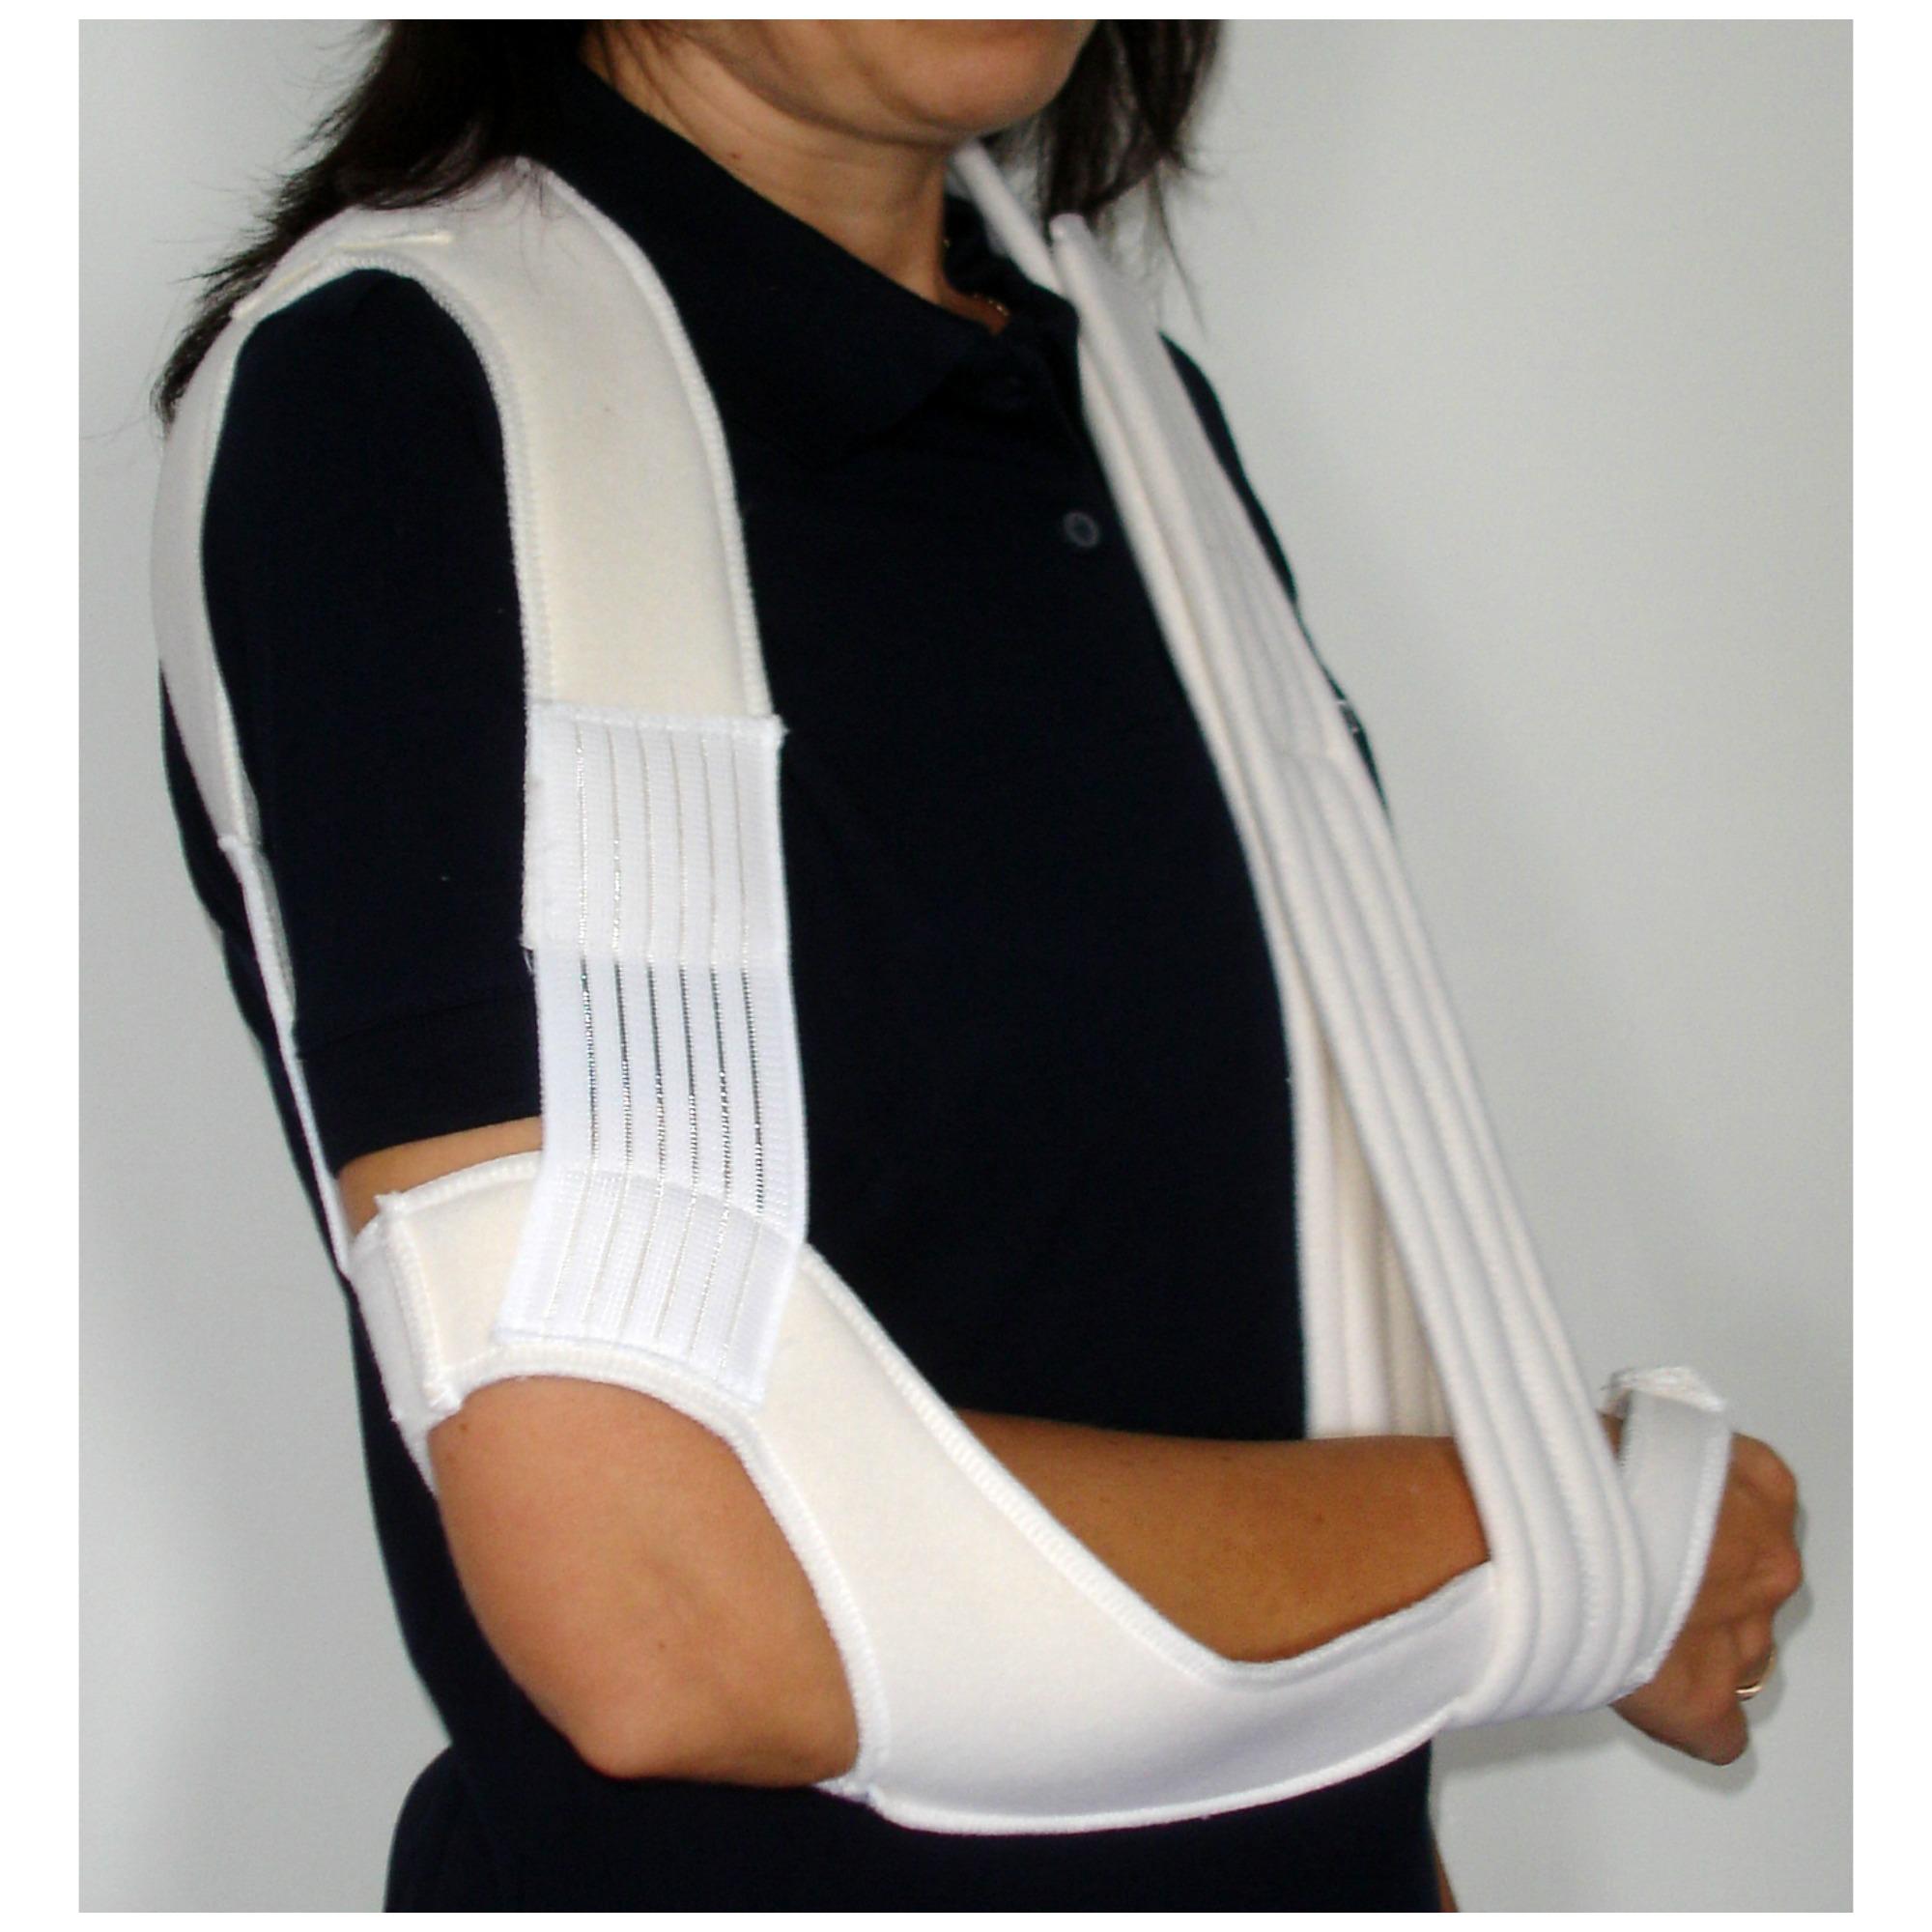 OTSZ Online - Az iszkémiás stroke krónikus fájdalmat okozhat